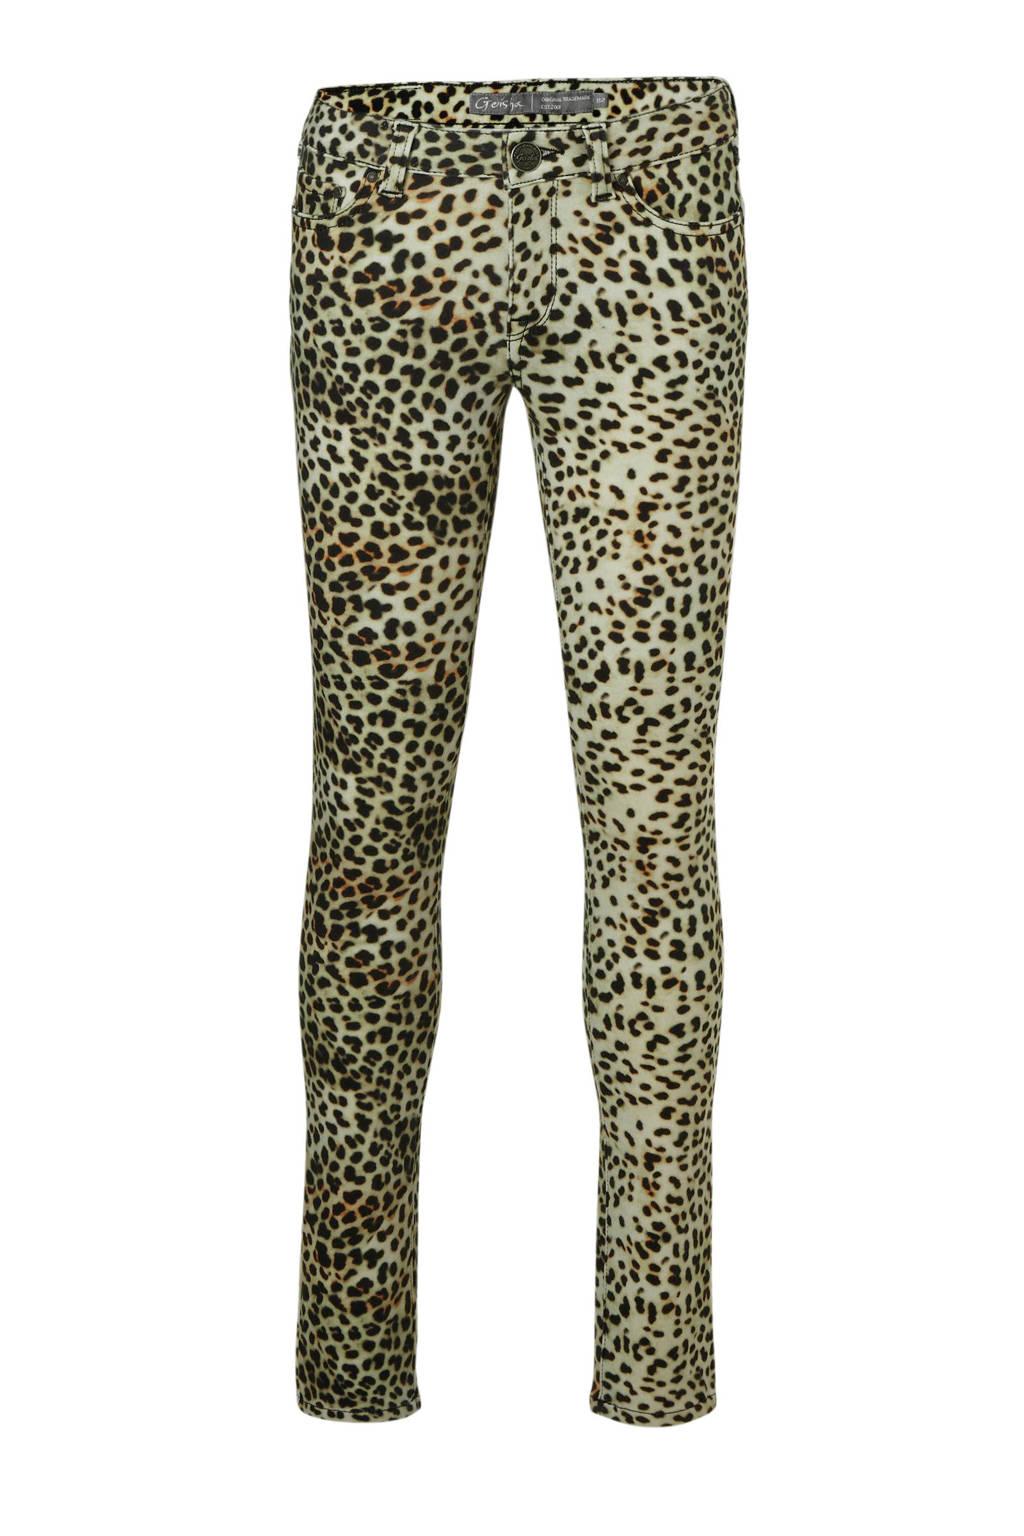 Geisha skinny fit broek met panterprint zwart, Zwart/lichtbruin